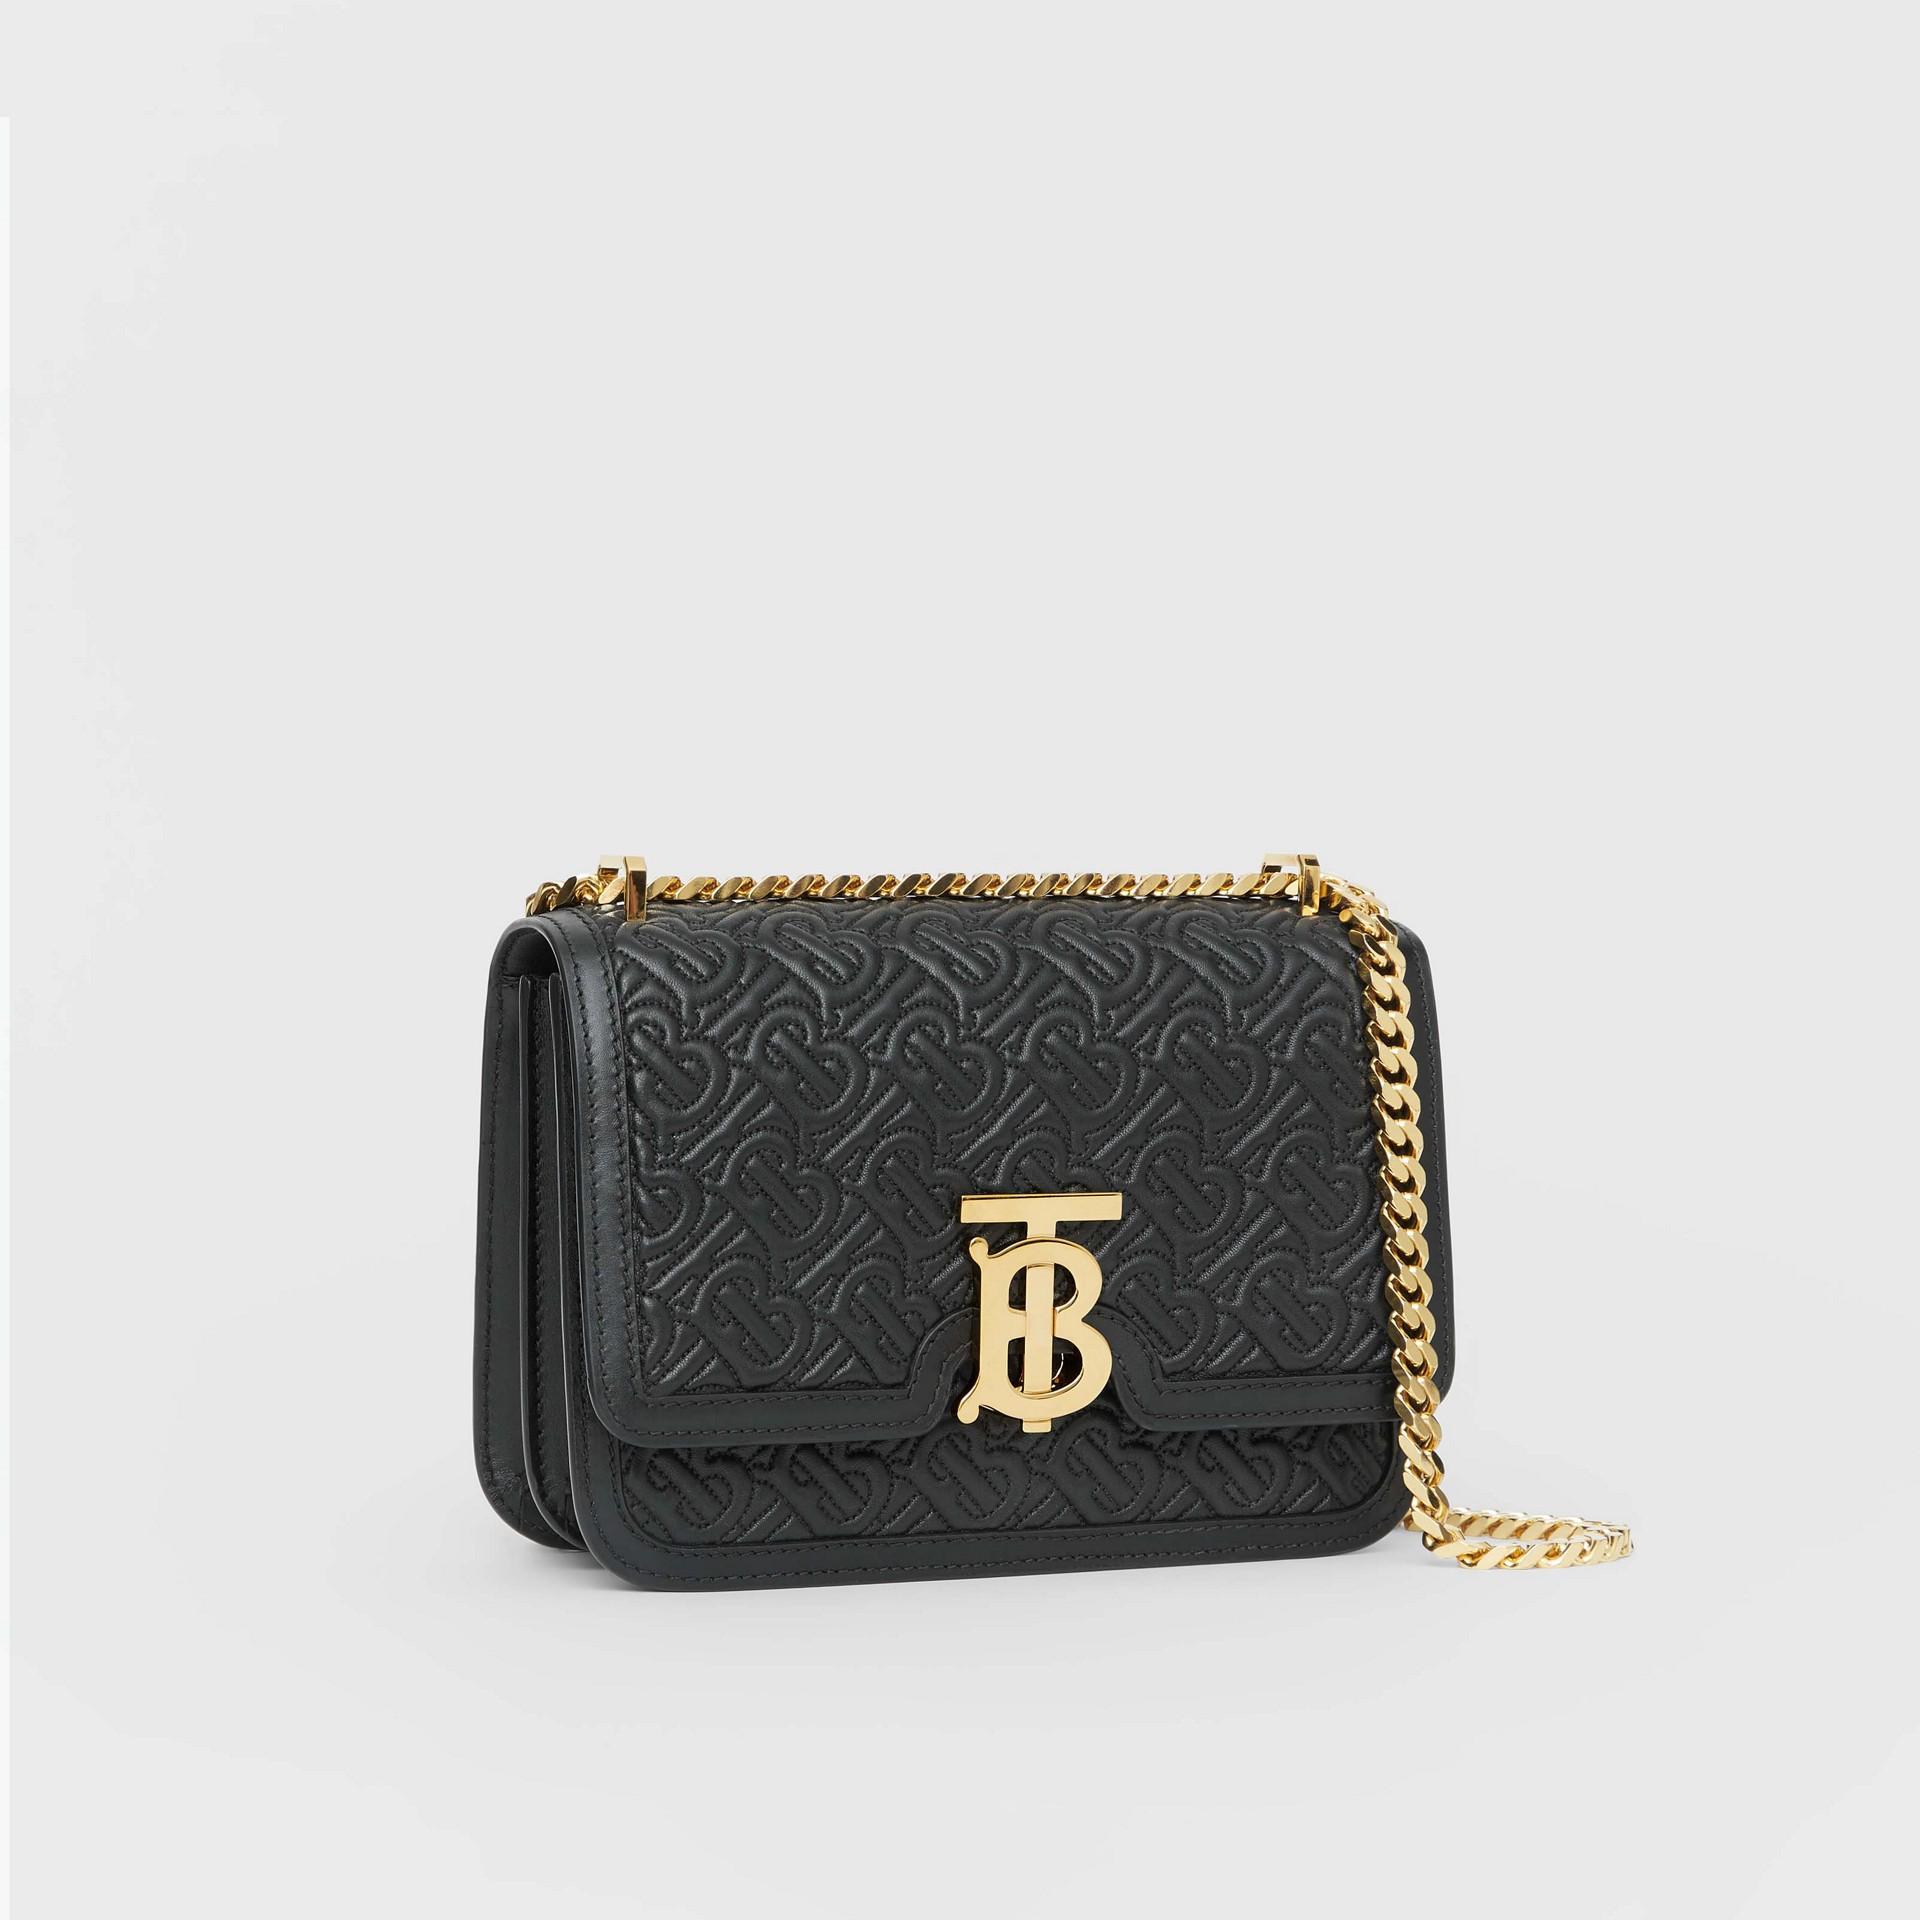 Bolsa TB de couro de cordeiro com monograma - Pequena (Preto) - Mulheres | Burberry - galeria de imagens 5